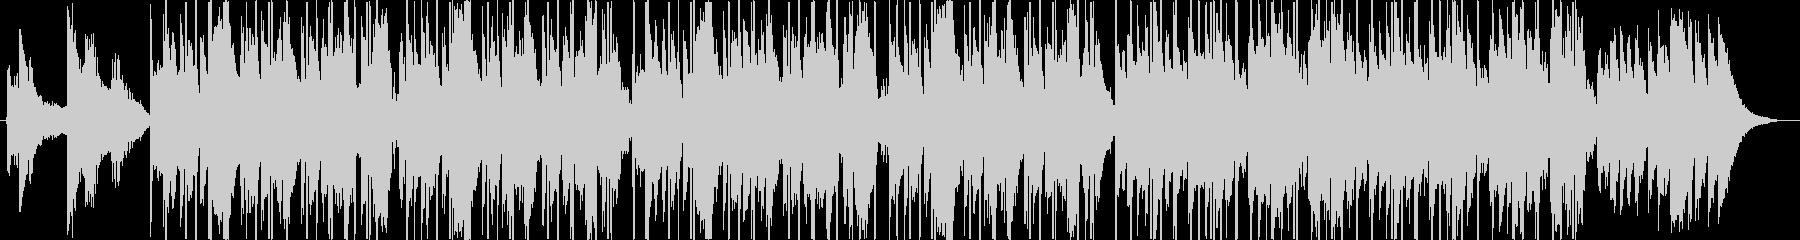 メロウなヒップホップ 洋楽 チルアウトの未再生の波形